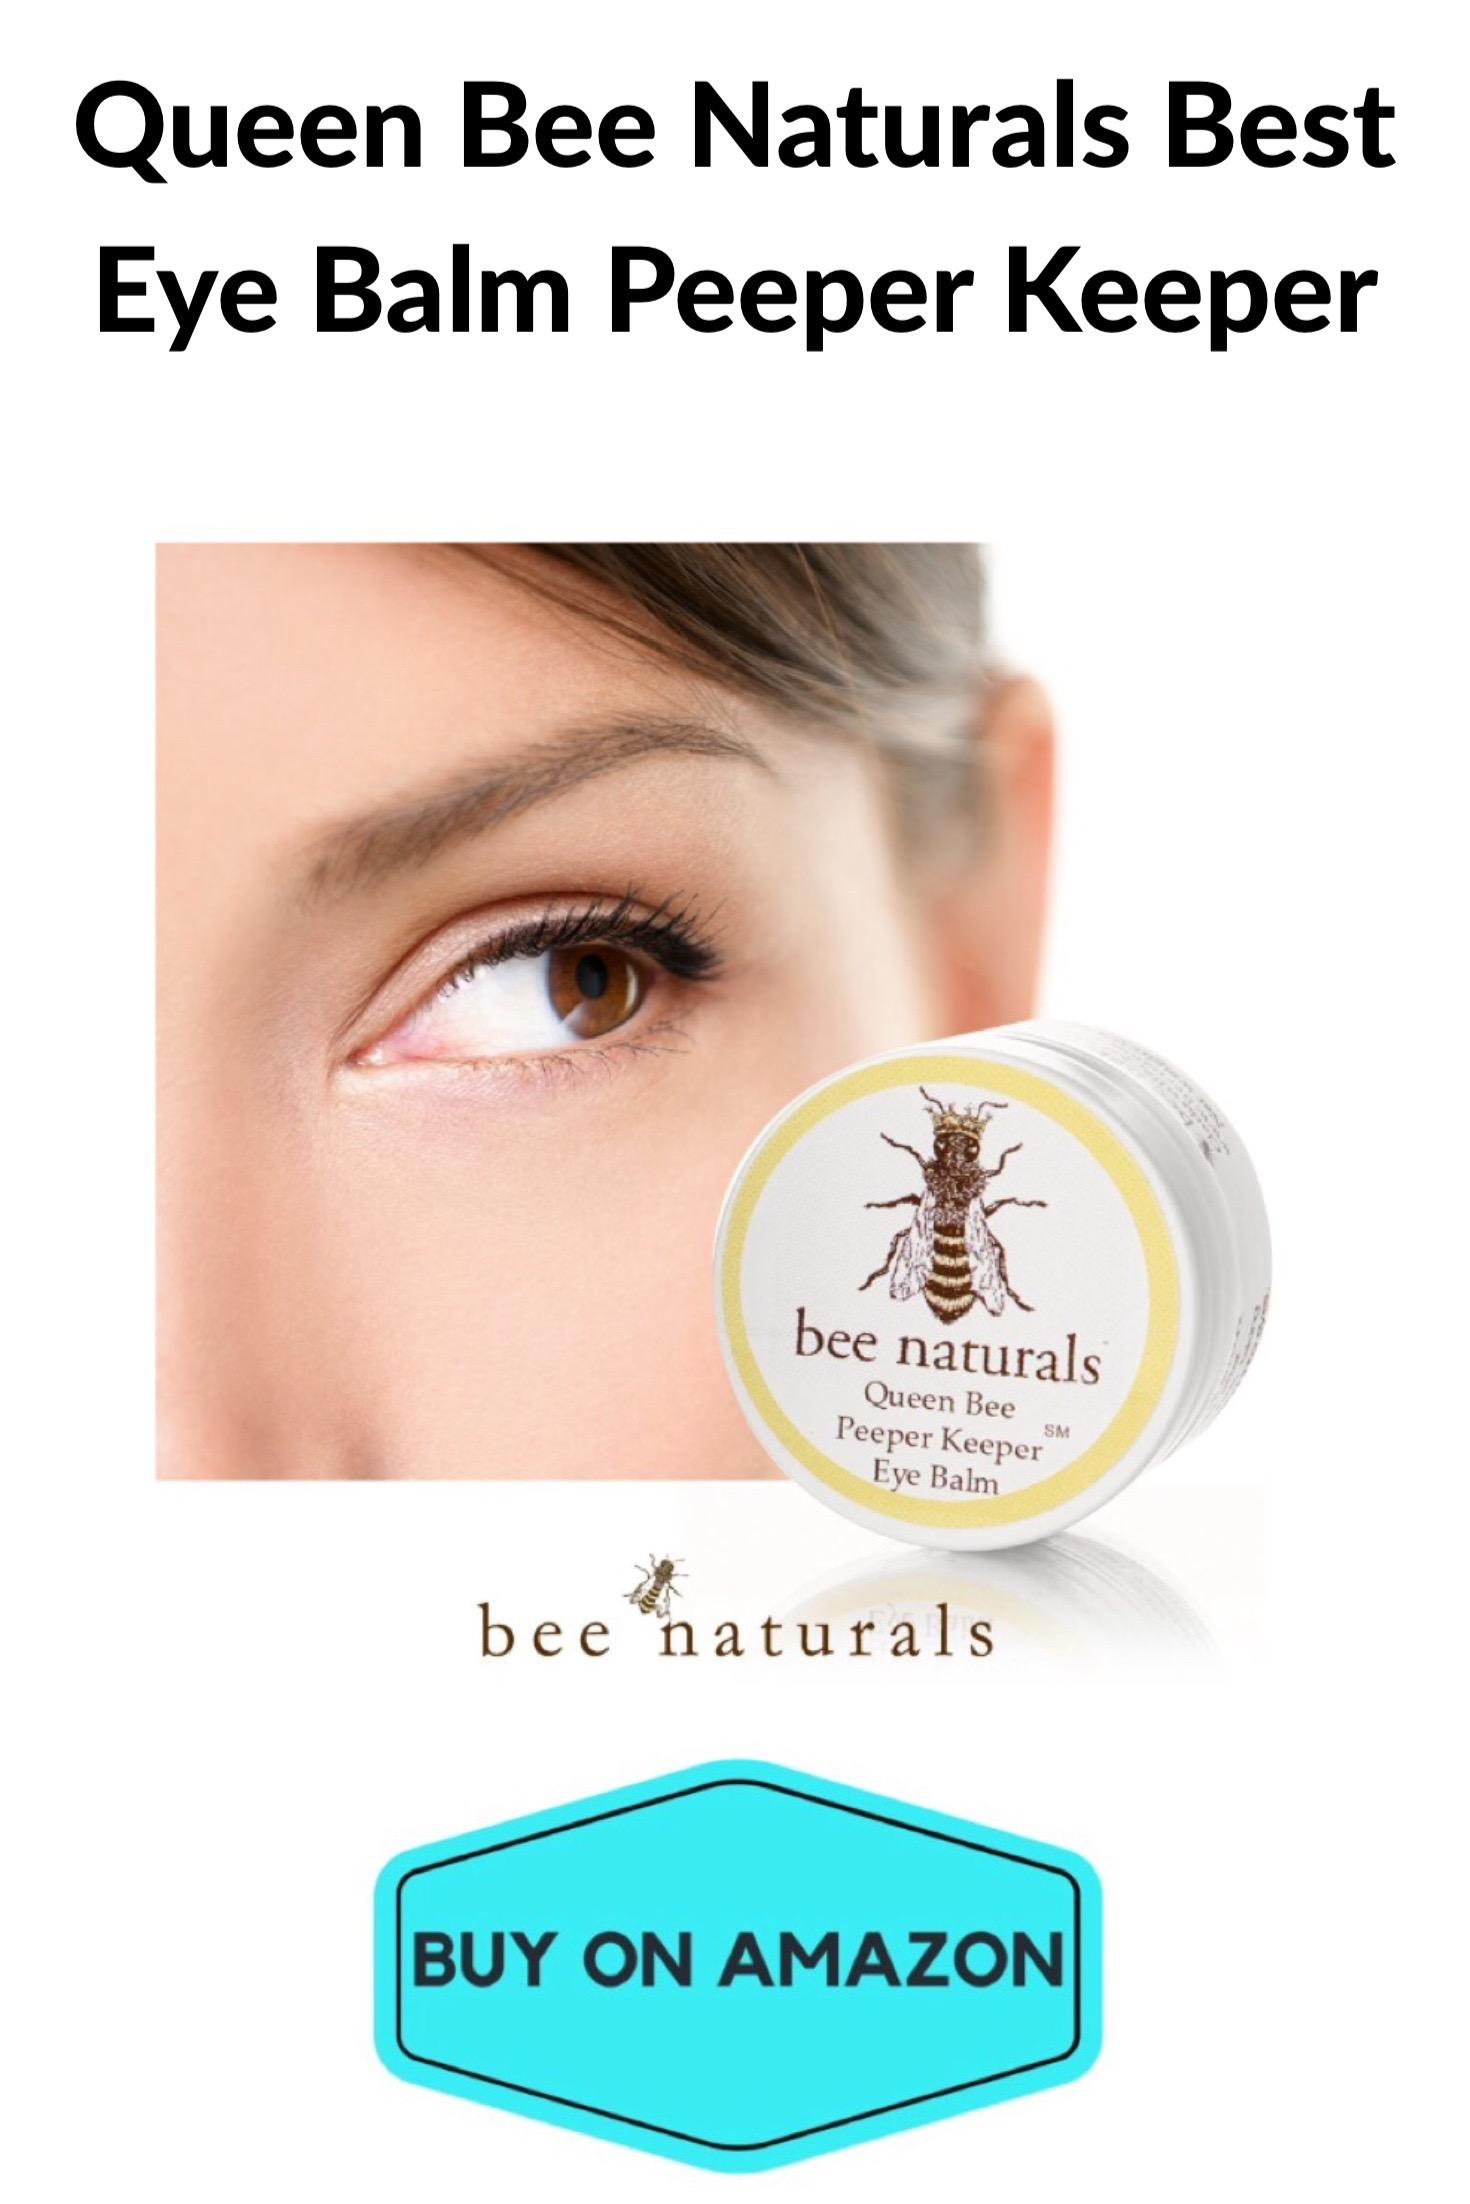 Queen Bee Naturals Eye Balm Peeper Keeper